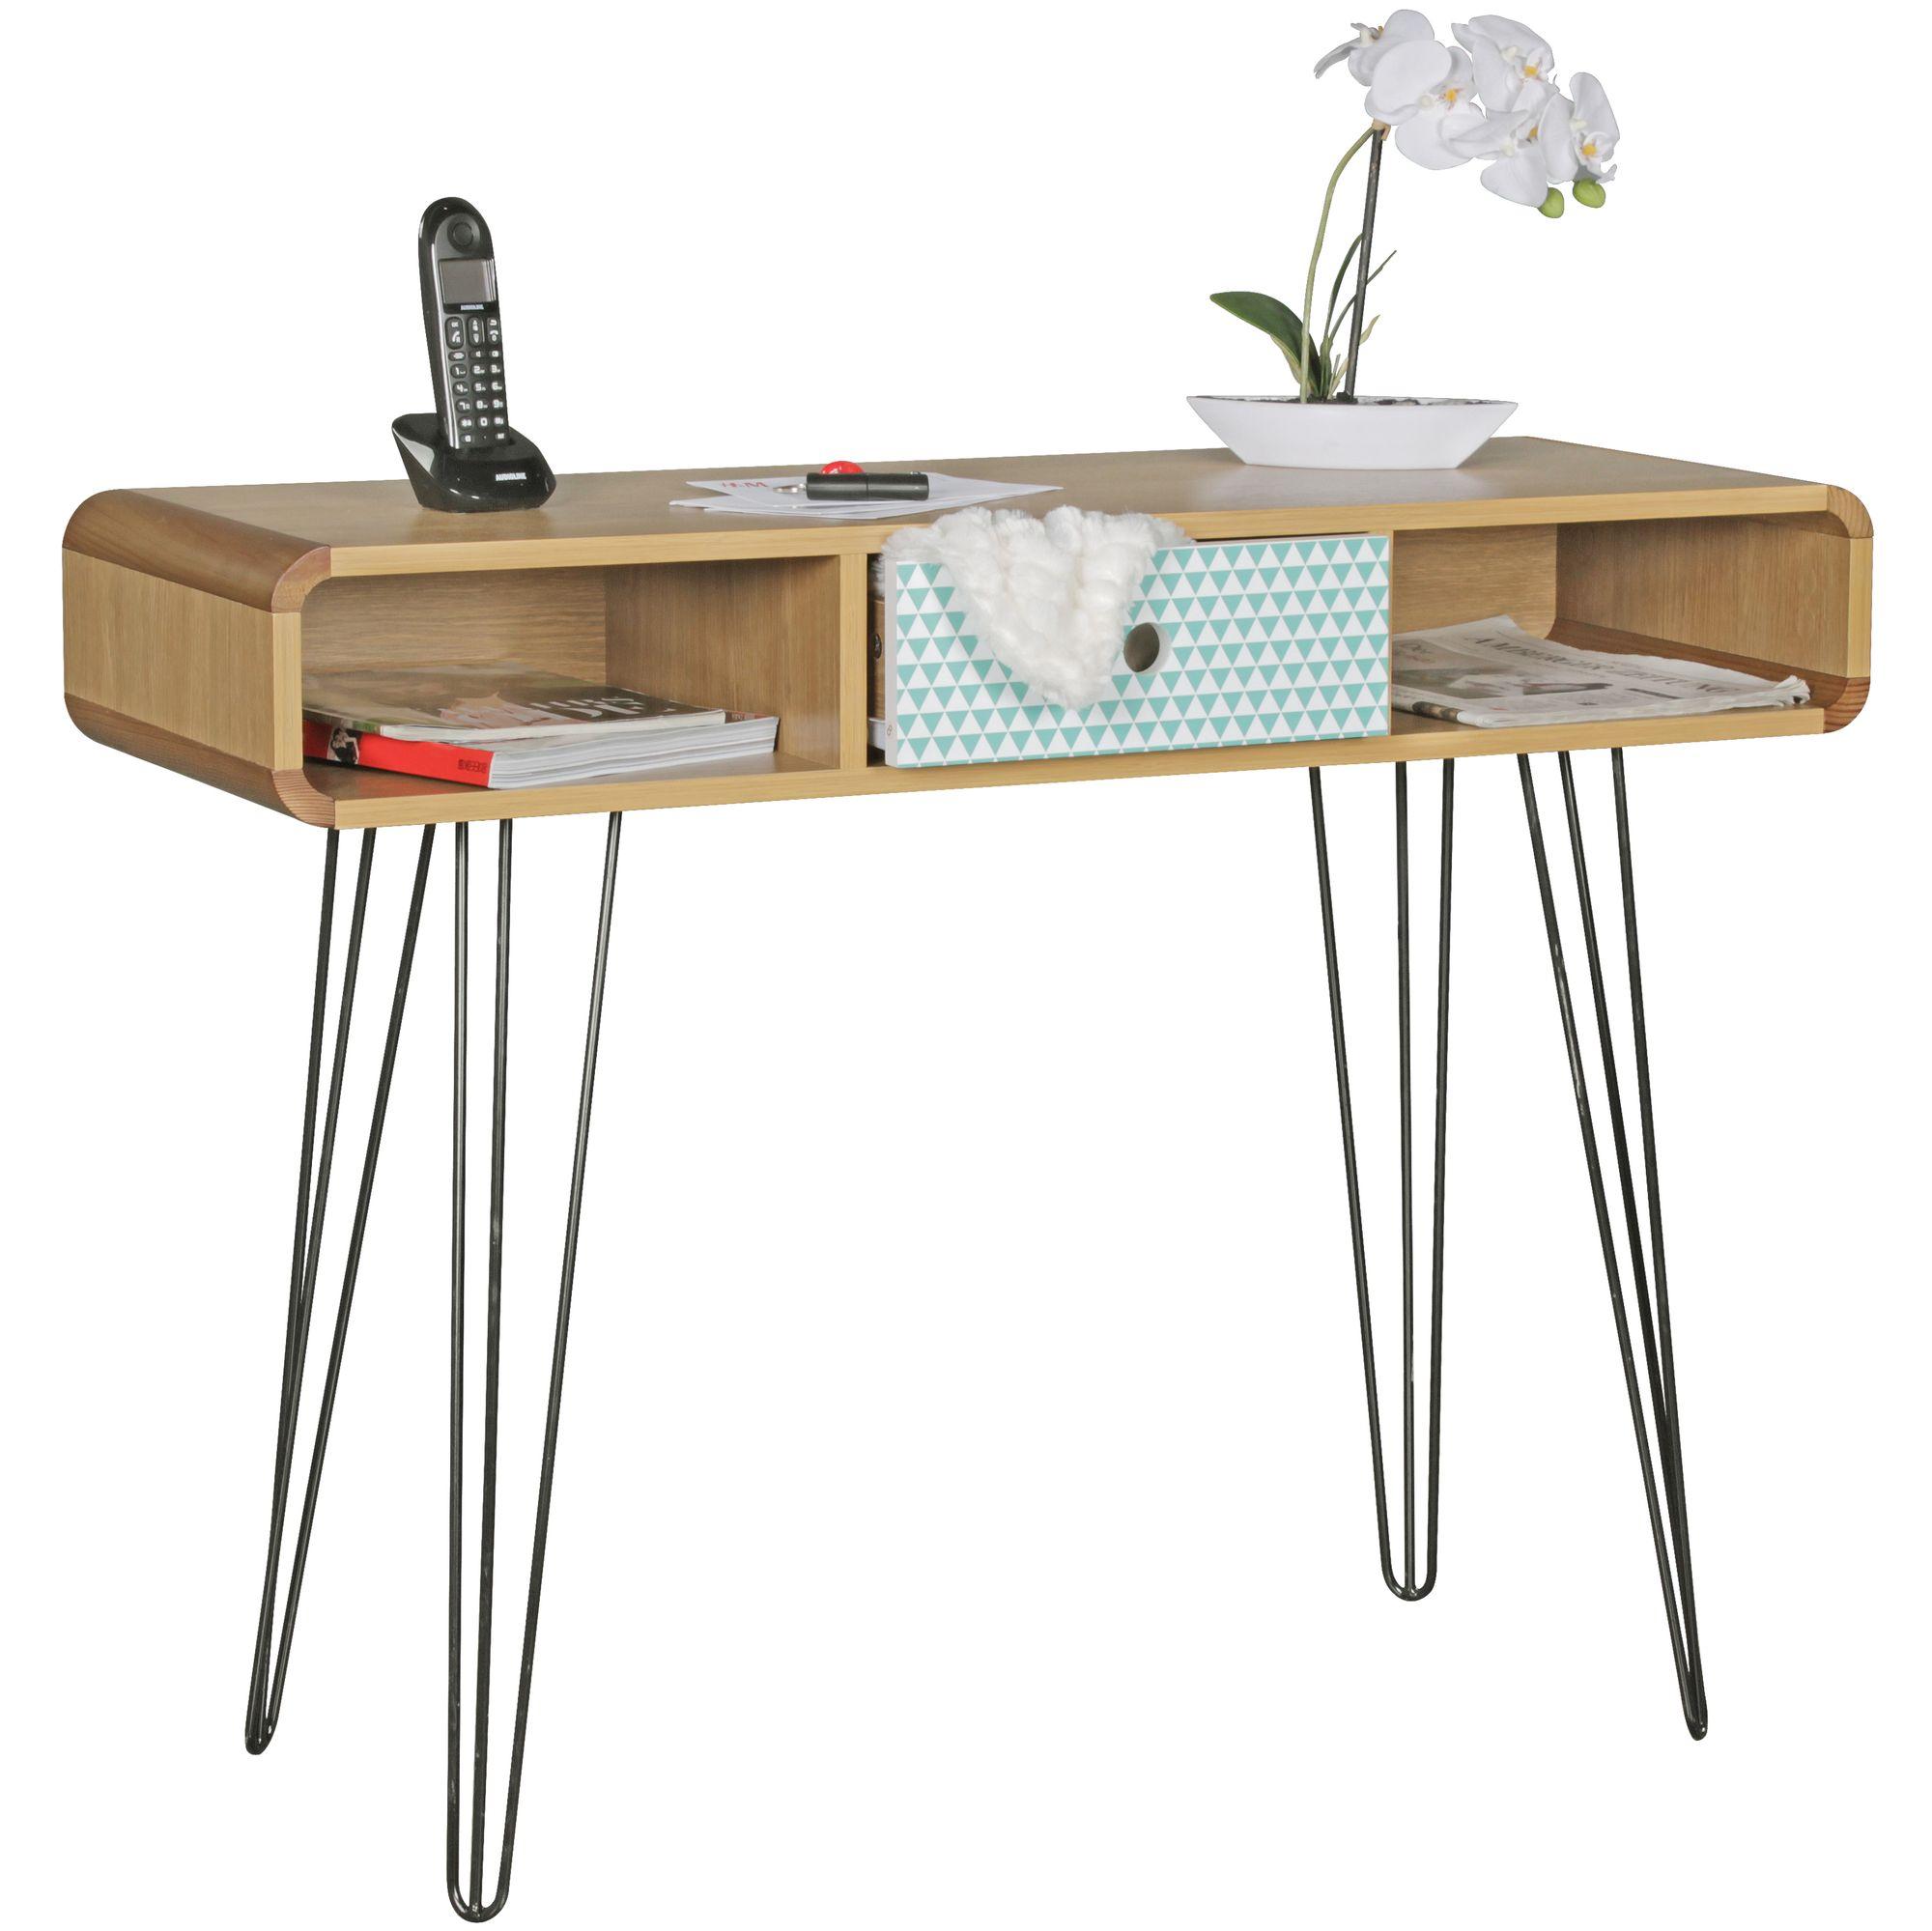 Konsolentisch 100 Cm Holz Metall Schreibtisch Anrichte Retro Muster Schublade